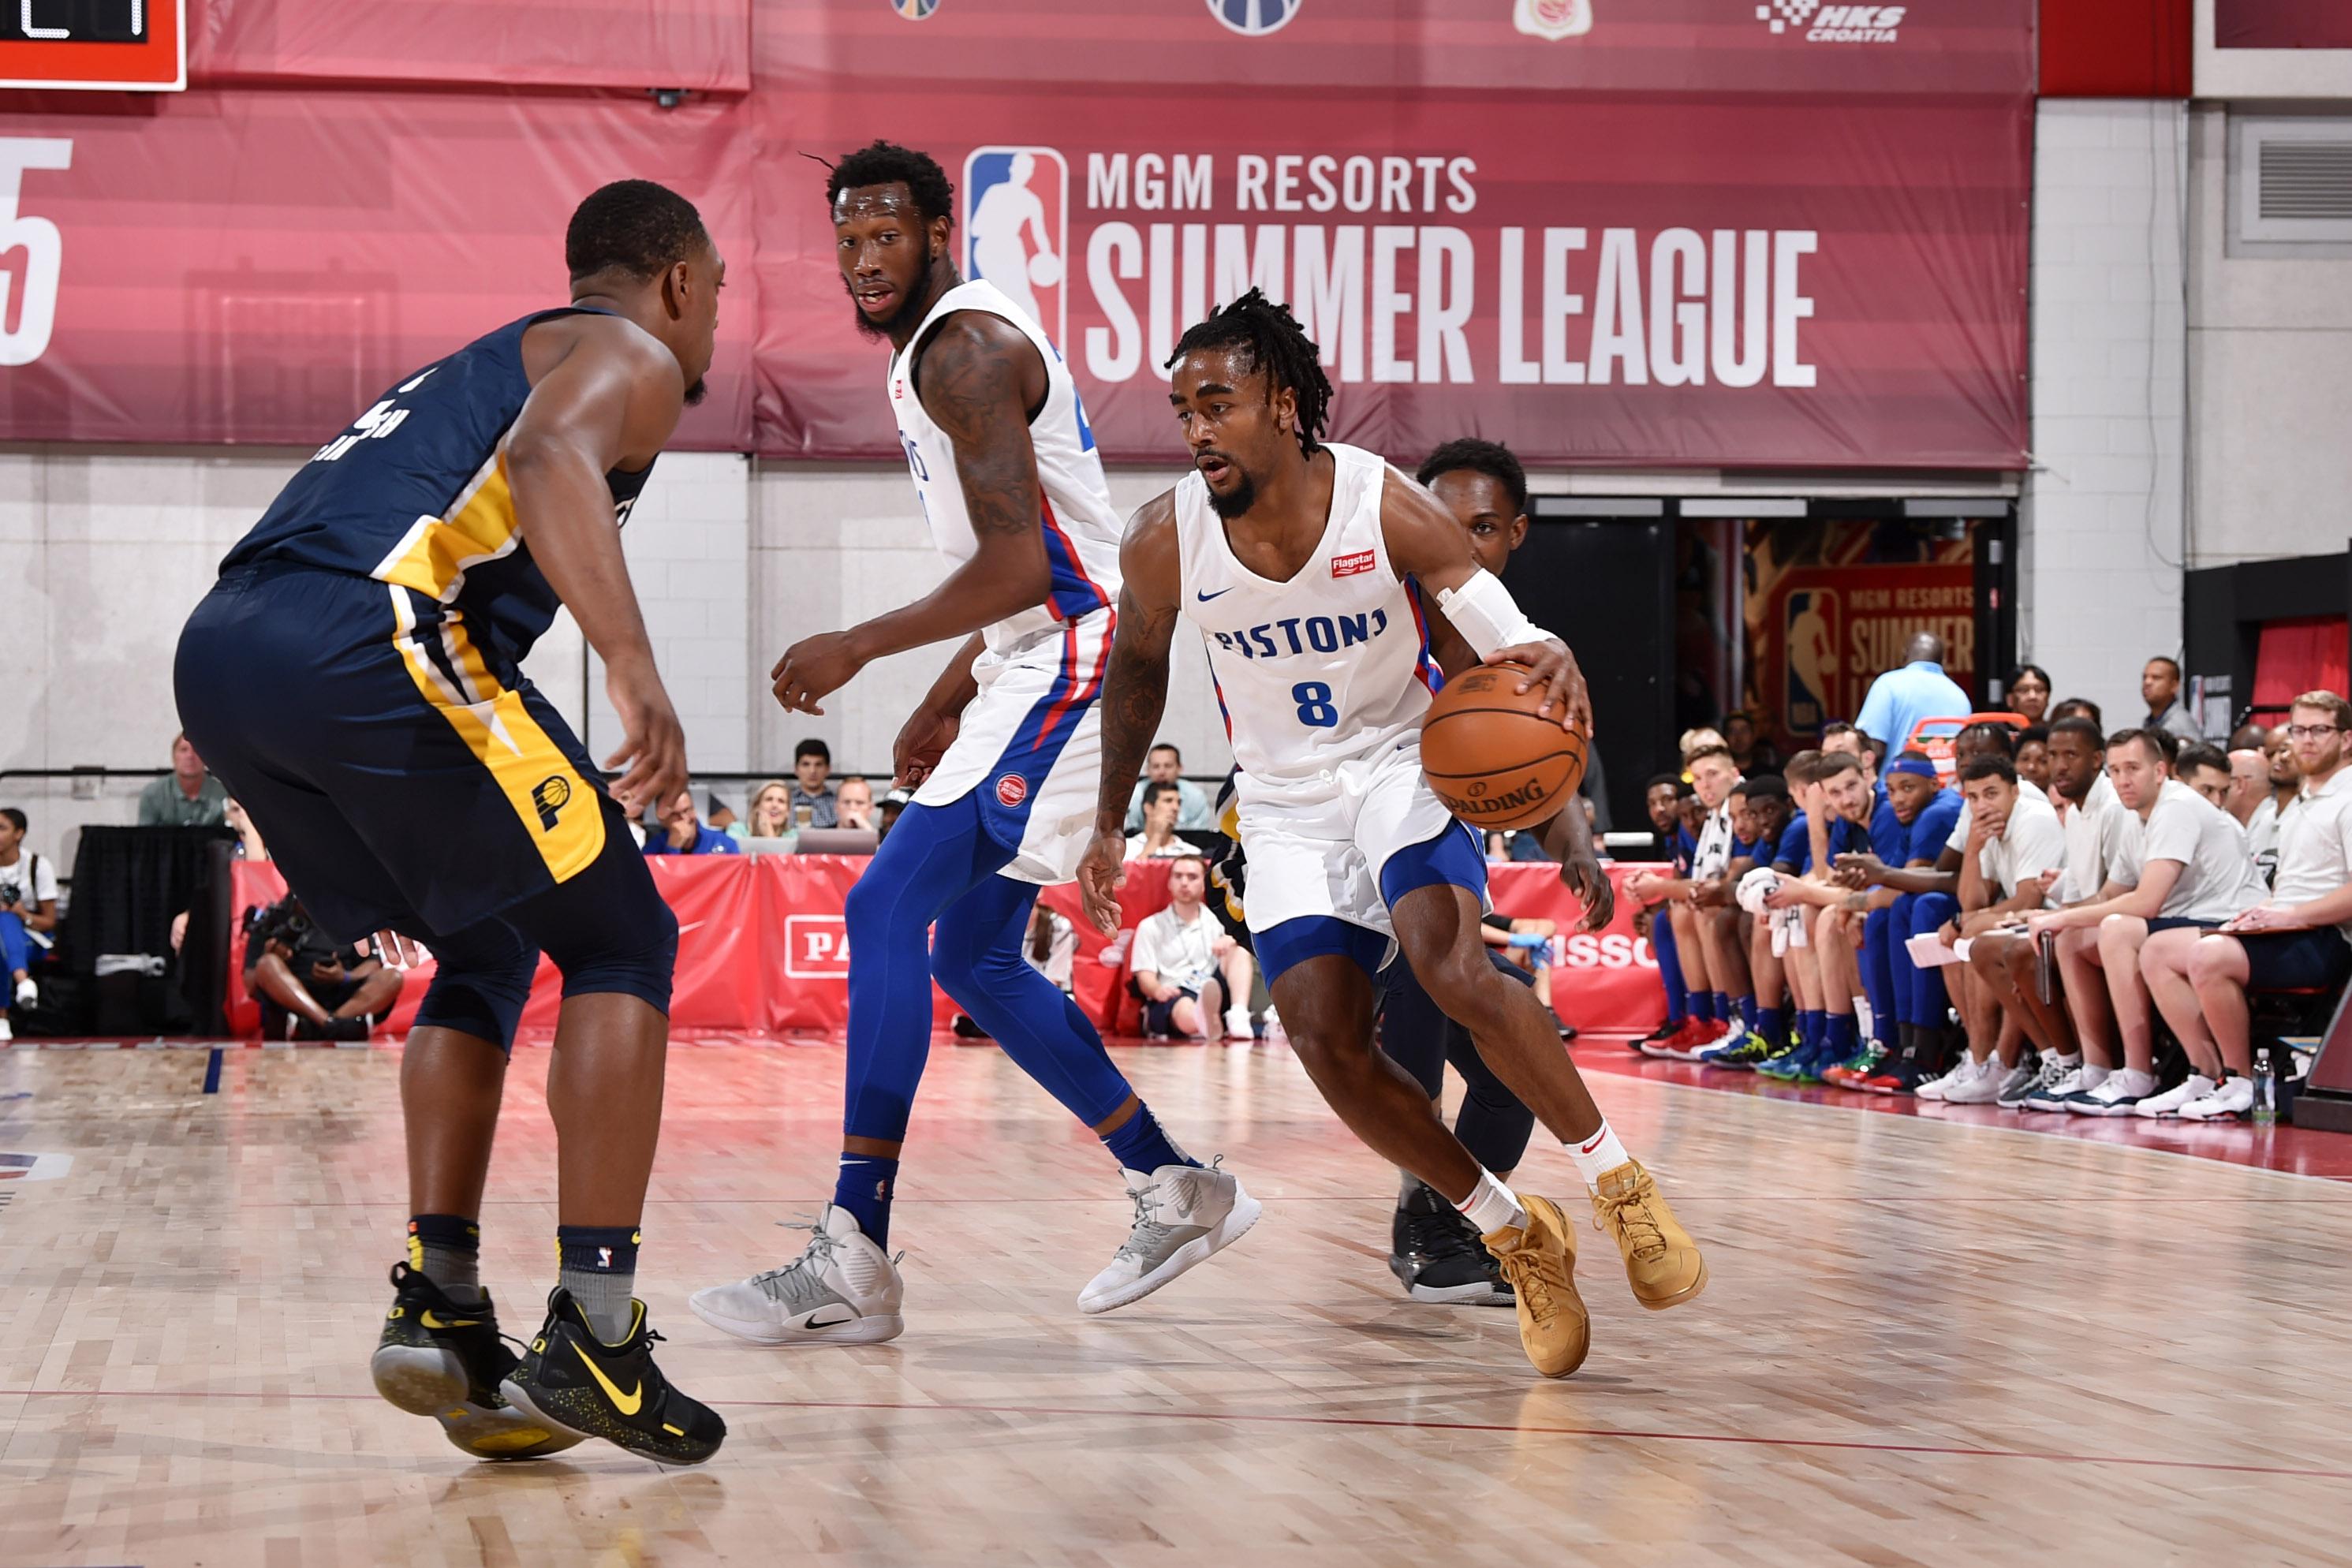 2019 Las Vegas Summer League - Indiana Pacers v Detroit Pistons